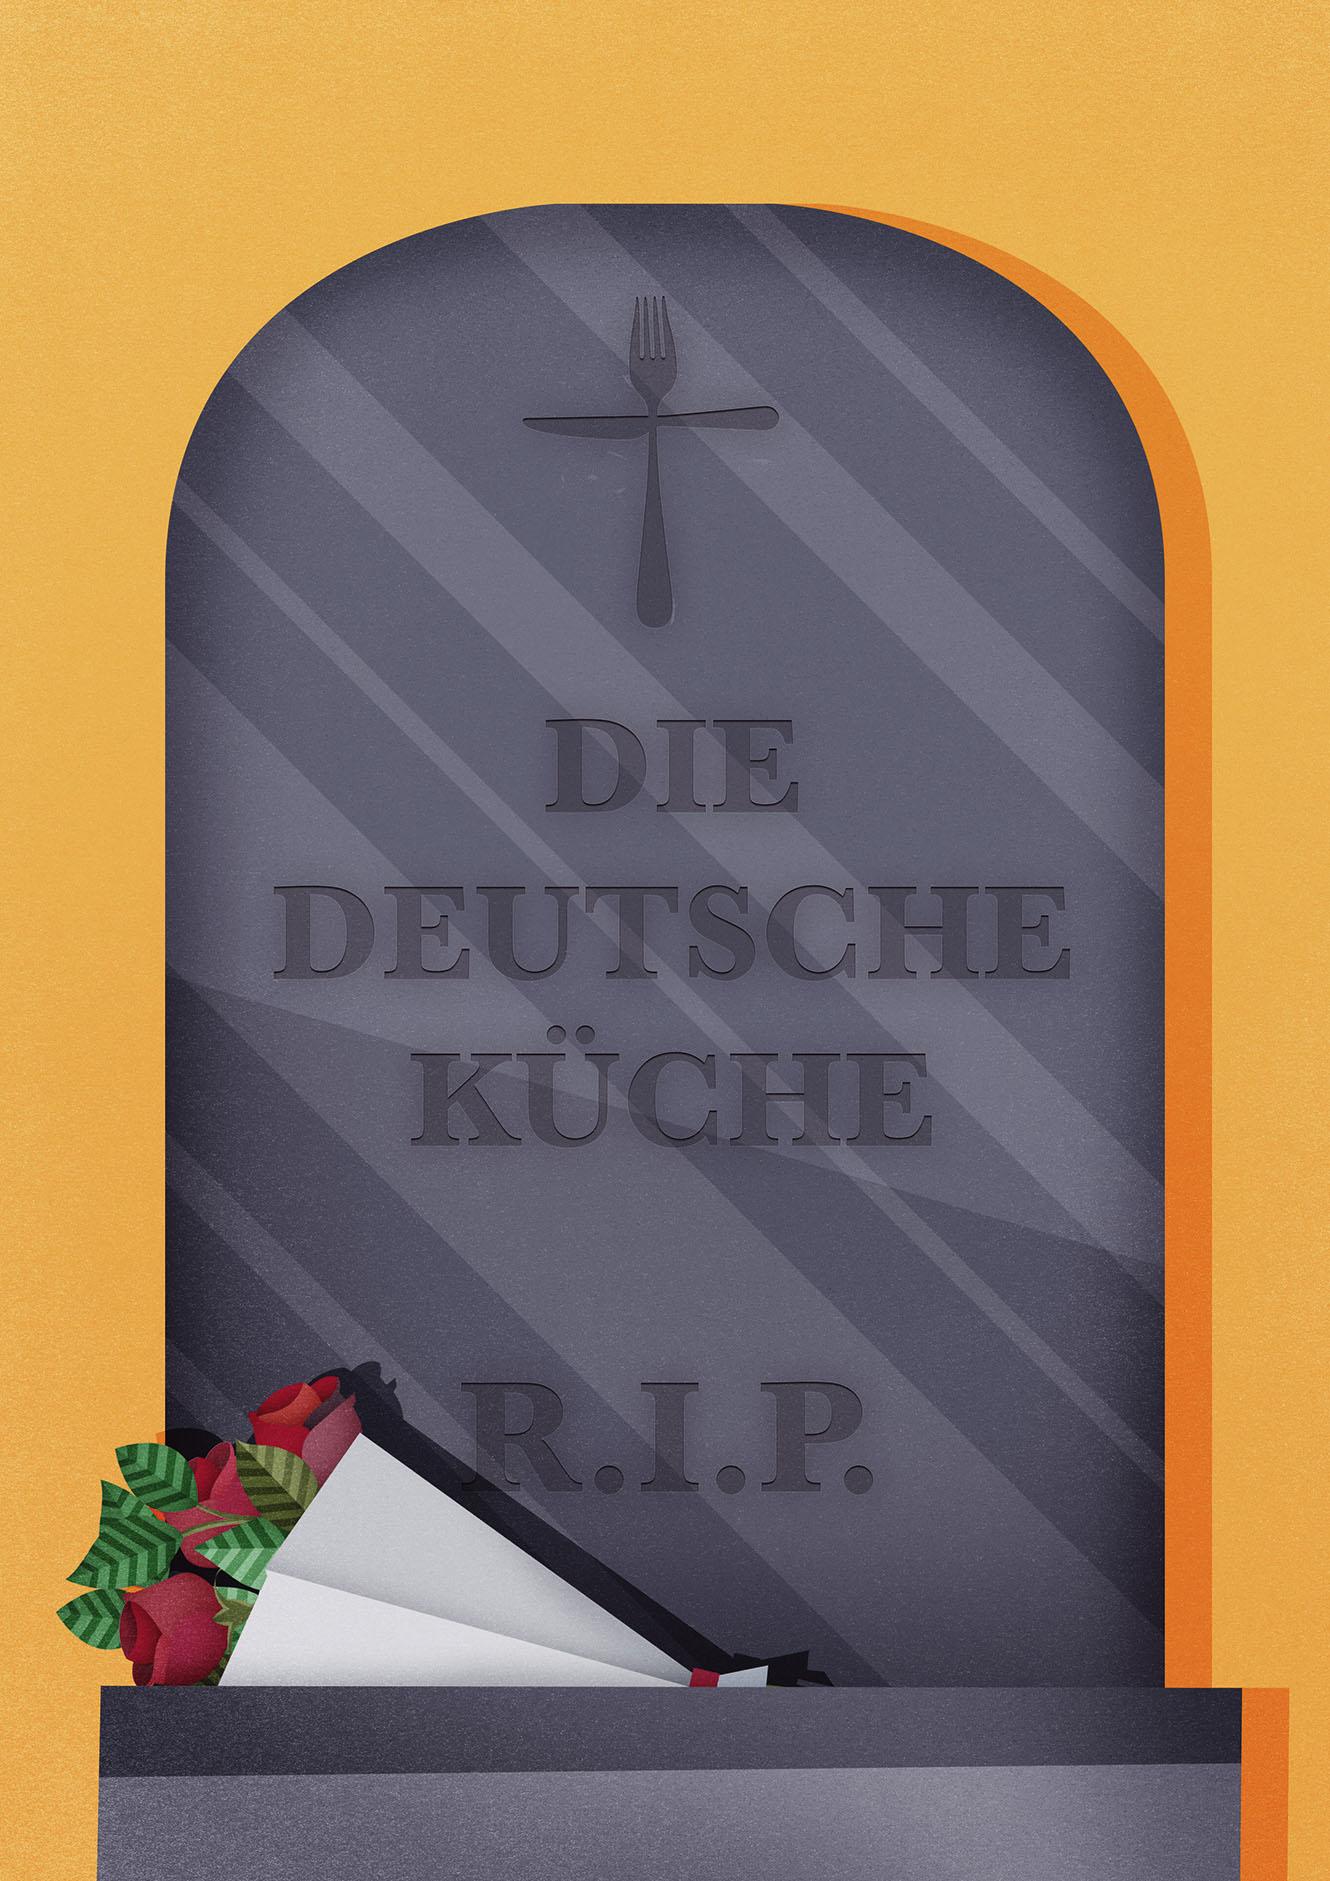 AY006_deutscheKueche_rip_RGB.jpg